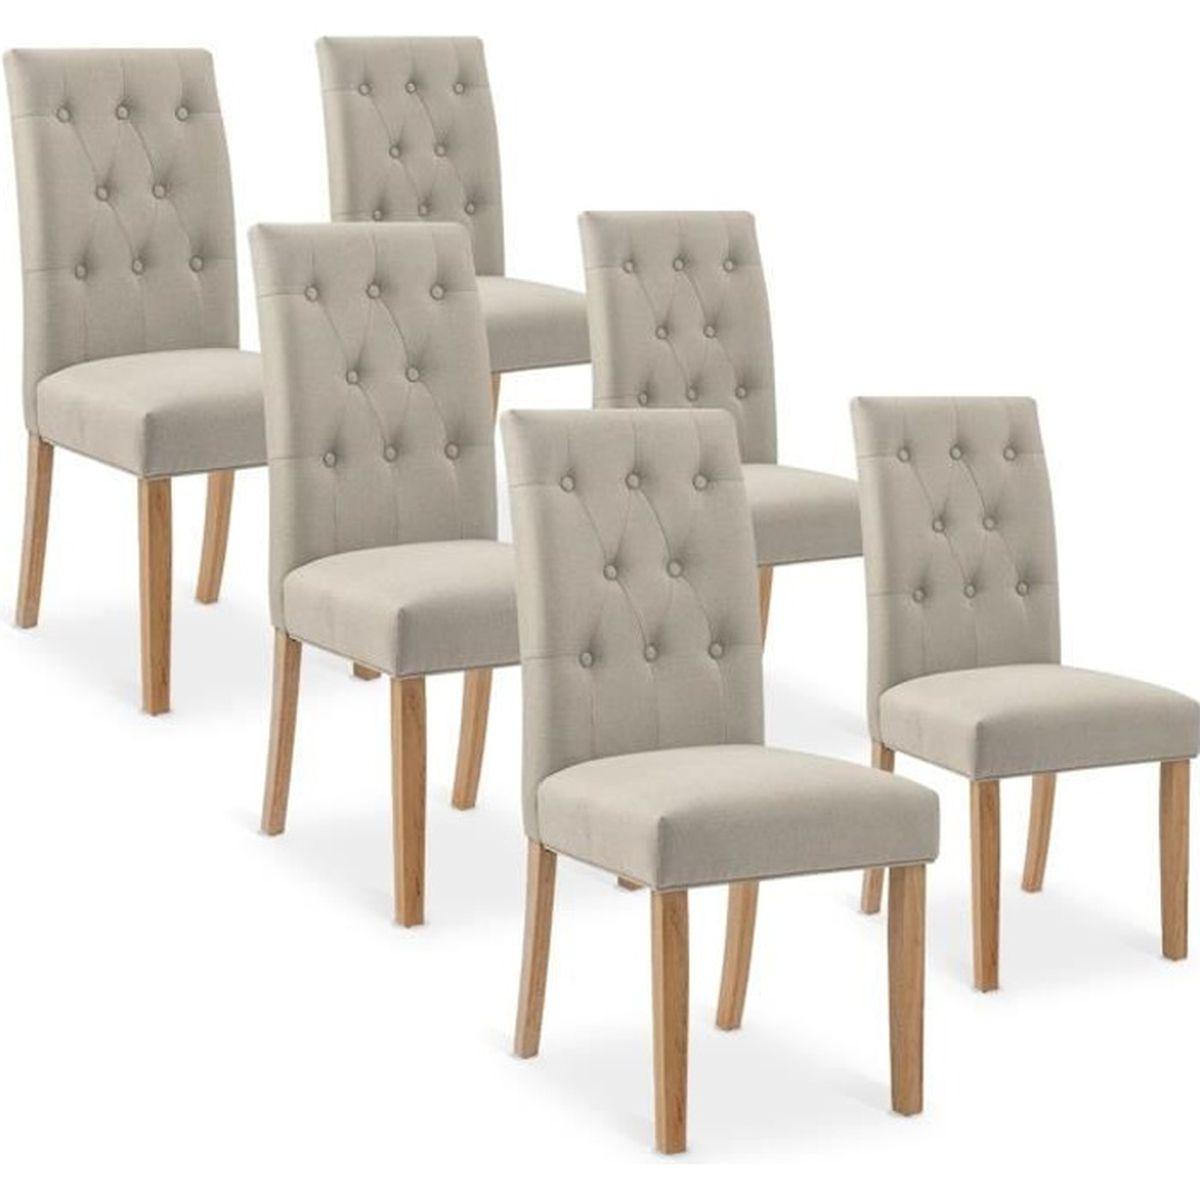 Quel Tissu Pour Chaise lot de 6 chaises gaya capitonnées en tissu beige - achat